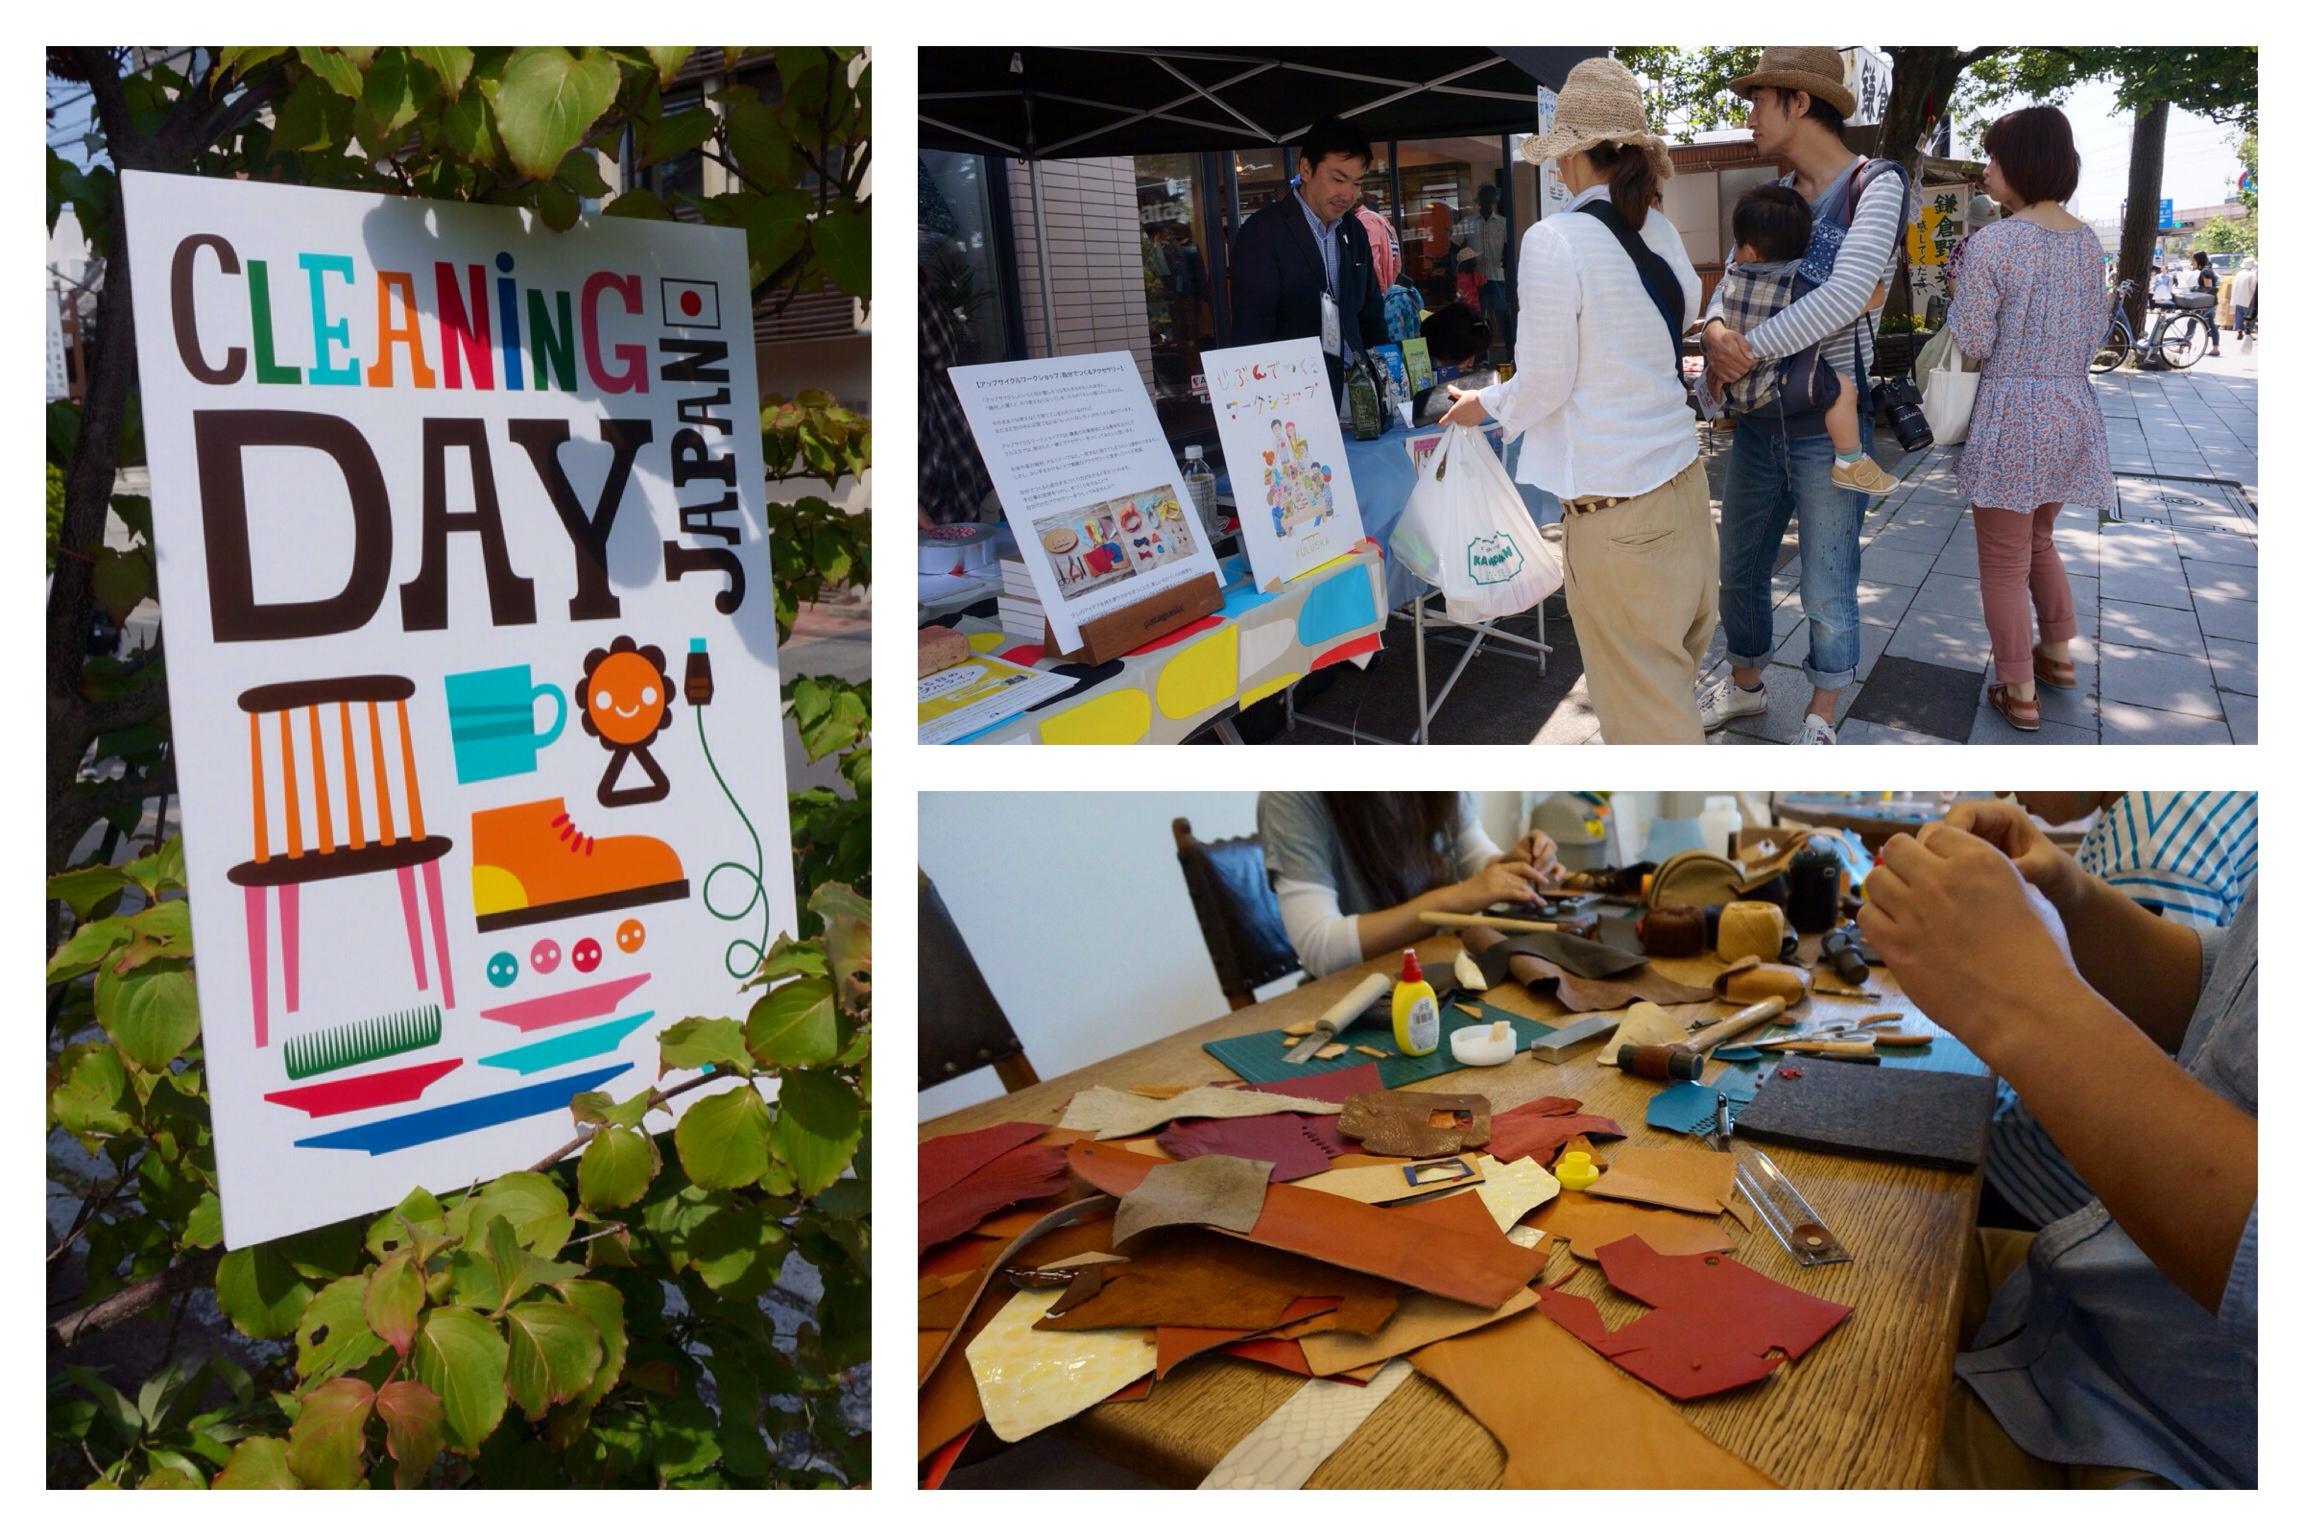 鎌倉でアップサイクルを体験!世界に広がる「クリーニングデイ」とは?(前編)| 未来へつなぐアップサイクル